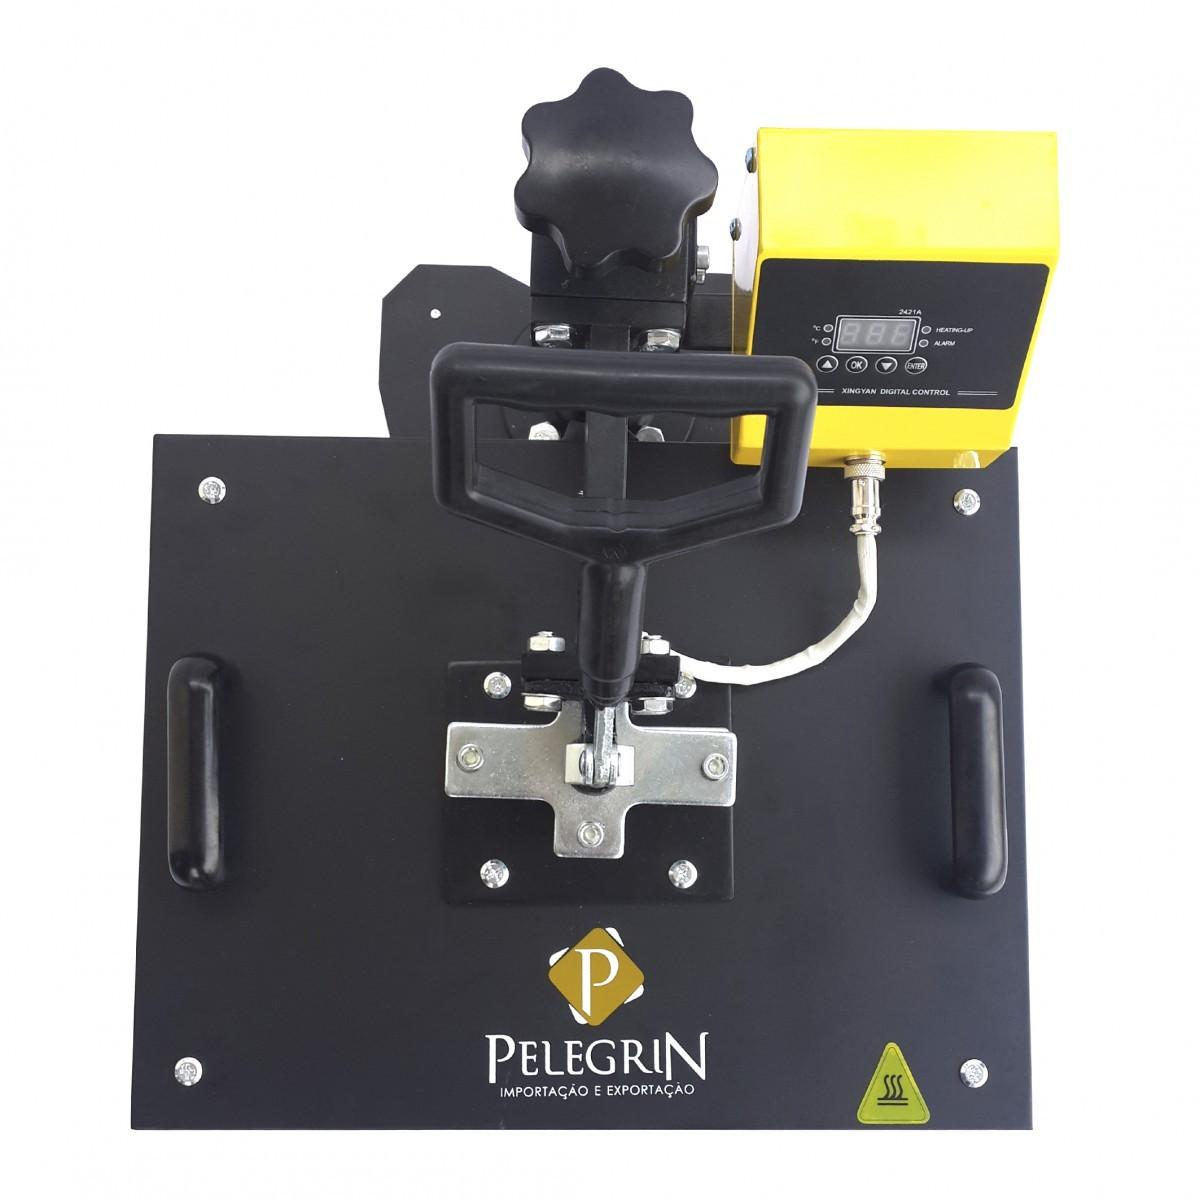 Prensa Térmica para Sublimação 8 em 1 XY-012 Pelegrin 220V